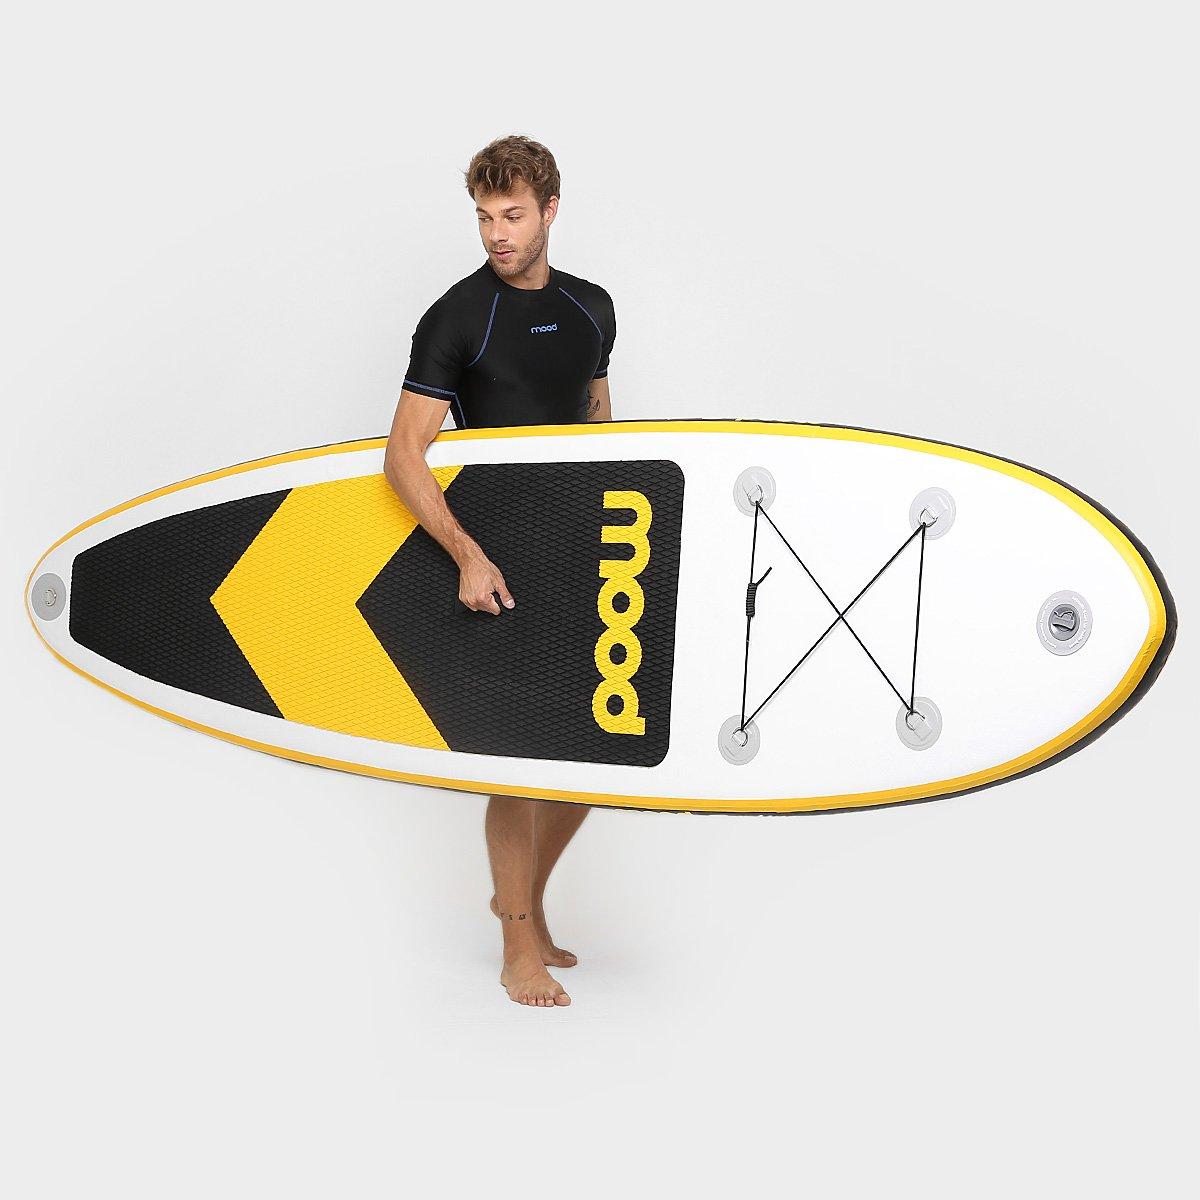 f1e7fd27c Prancha Stand Up Paddle Mood Inflável Port Island 10 pés - Compre Agora